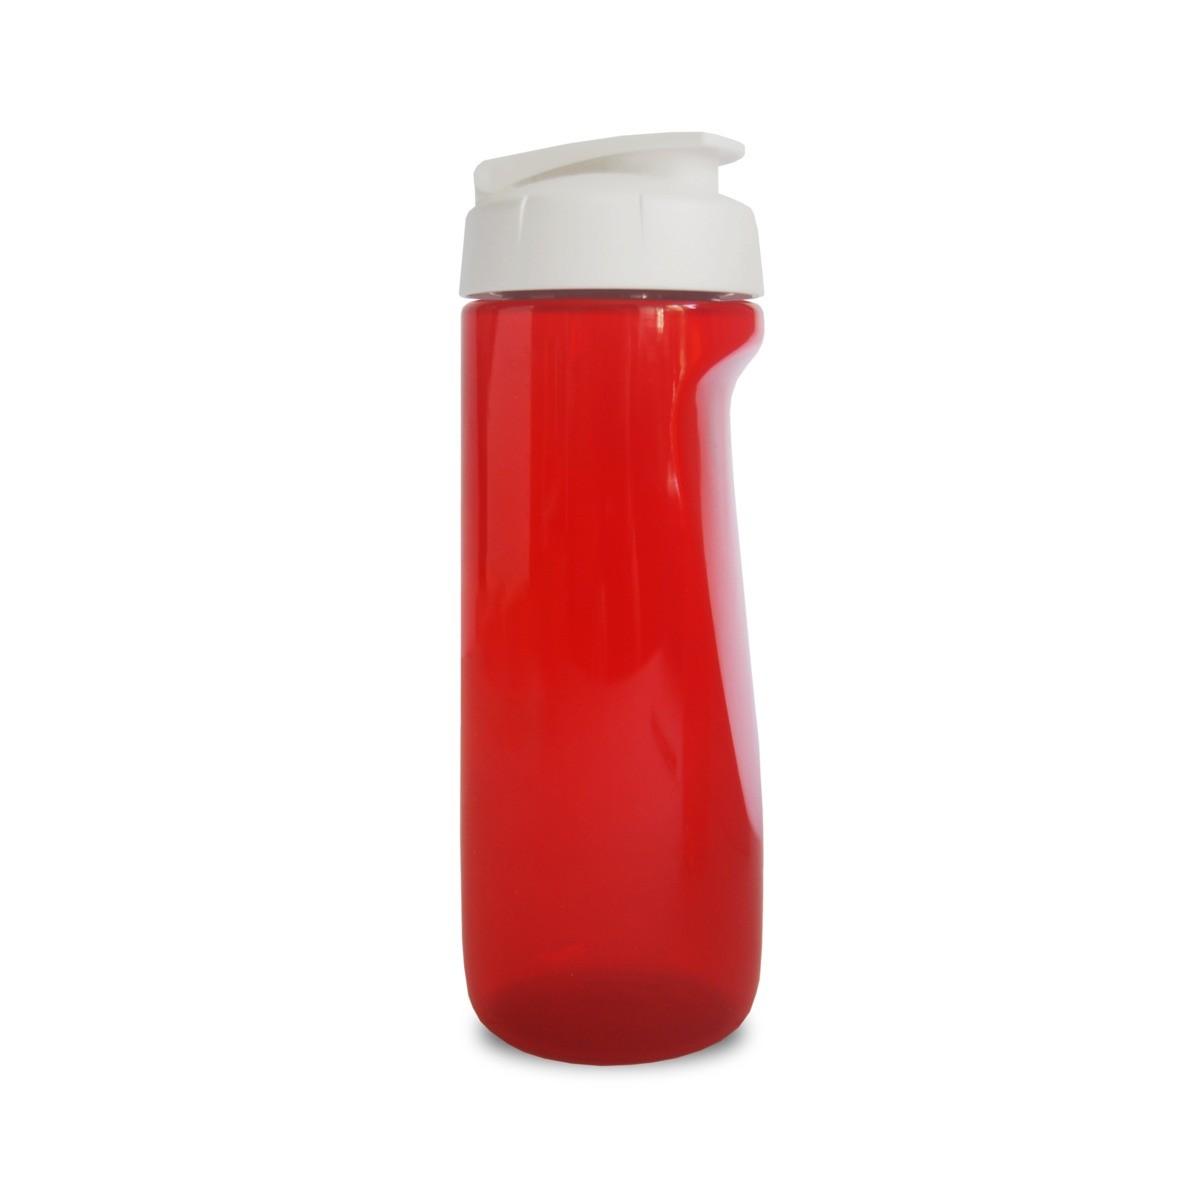 Vattenflaska Kick röd